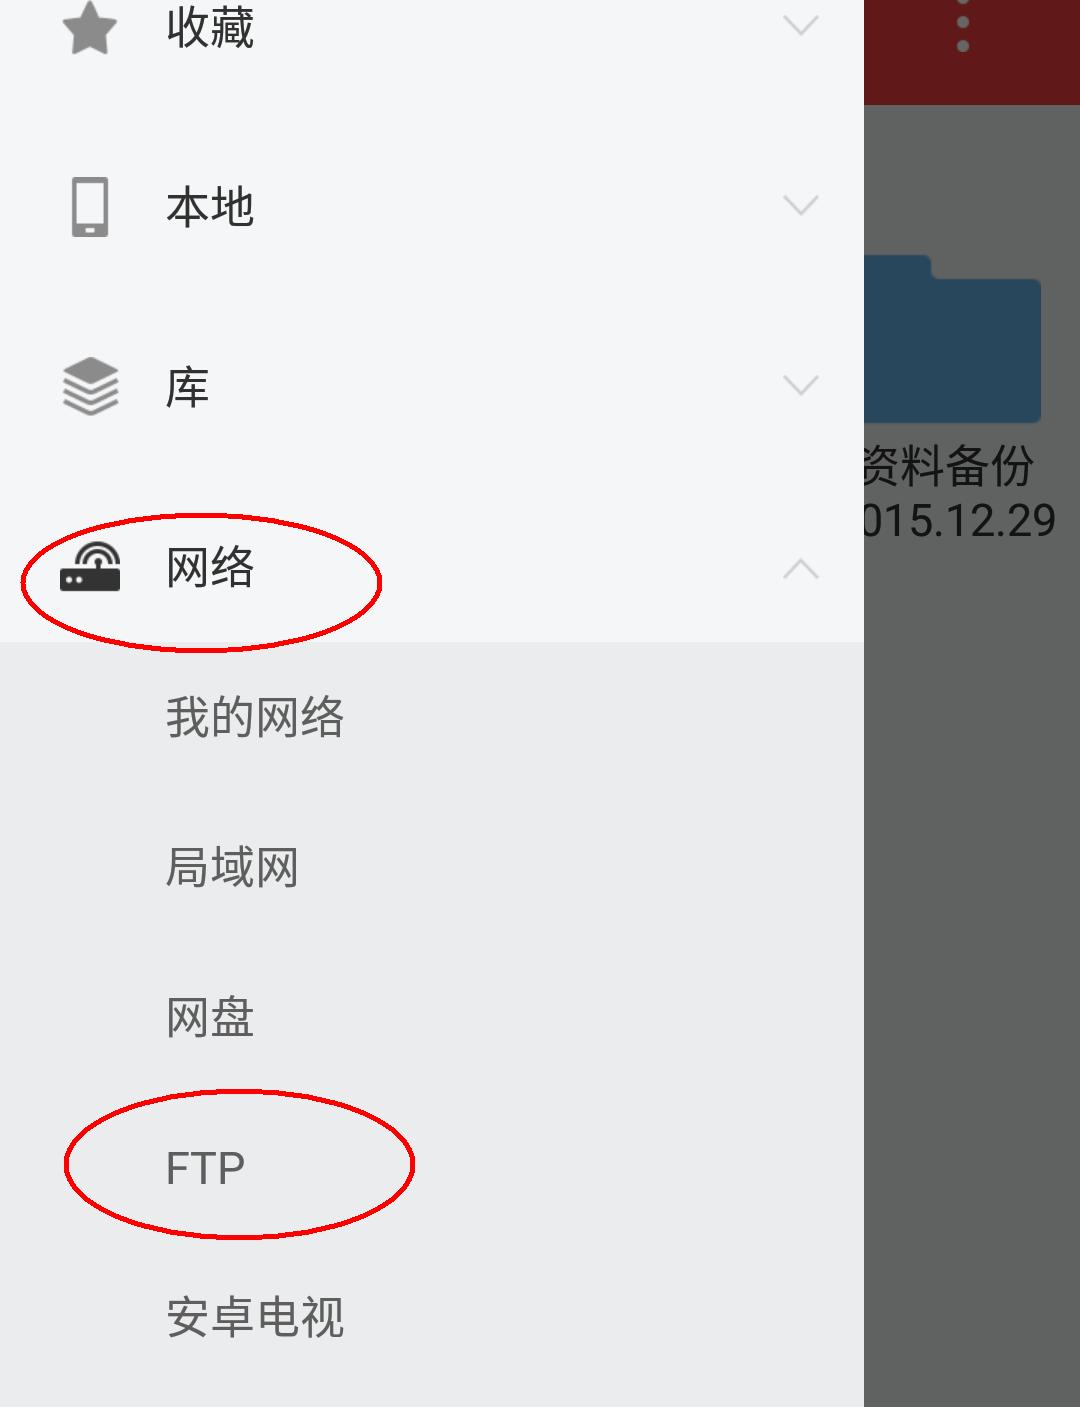 星际蜗牛C款服务器(第十四篇)异地文件管理篇 互联网IT 第24张